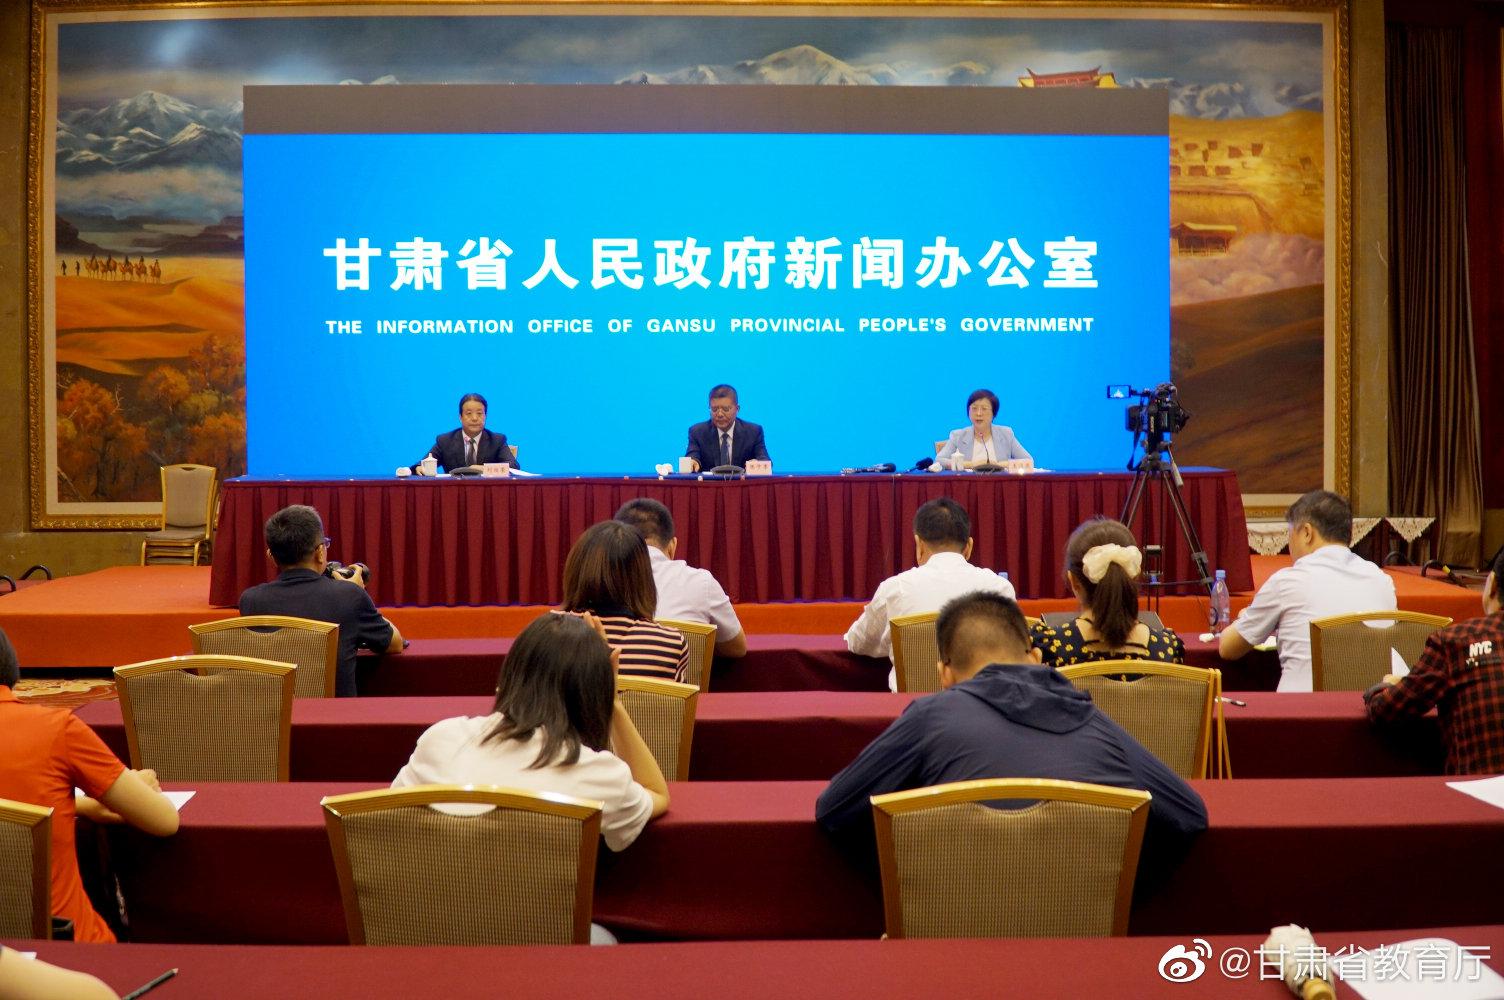 8月4日上午,甘肃省政府新闻办举行新闻发布会